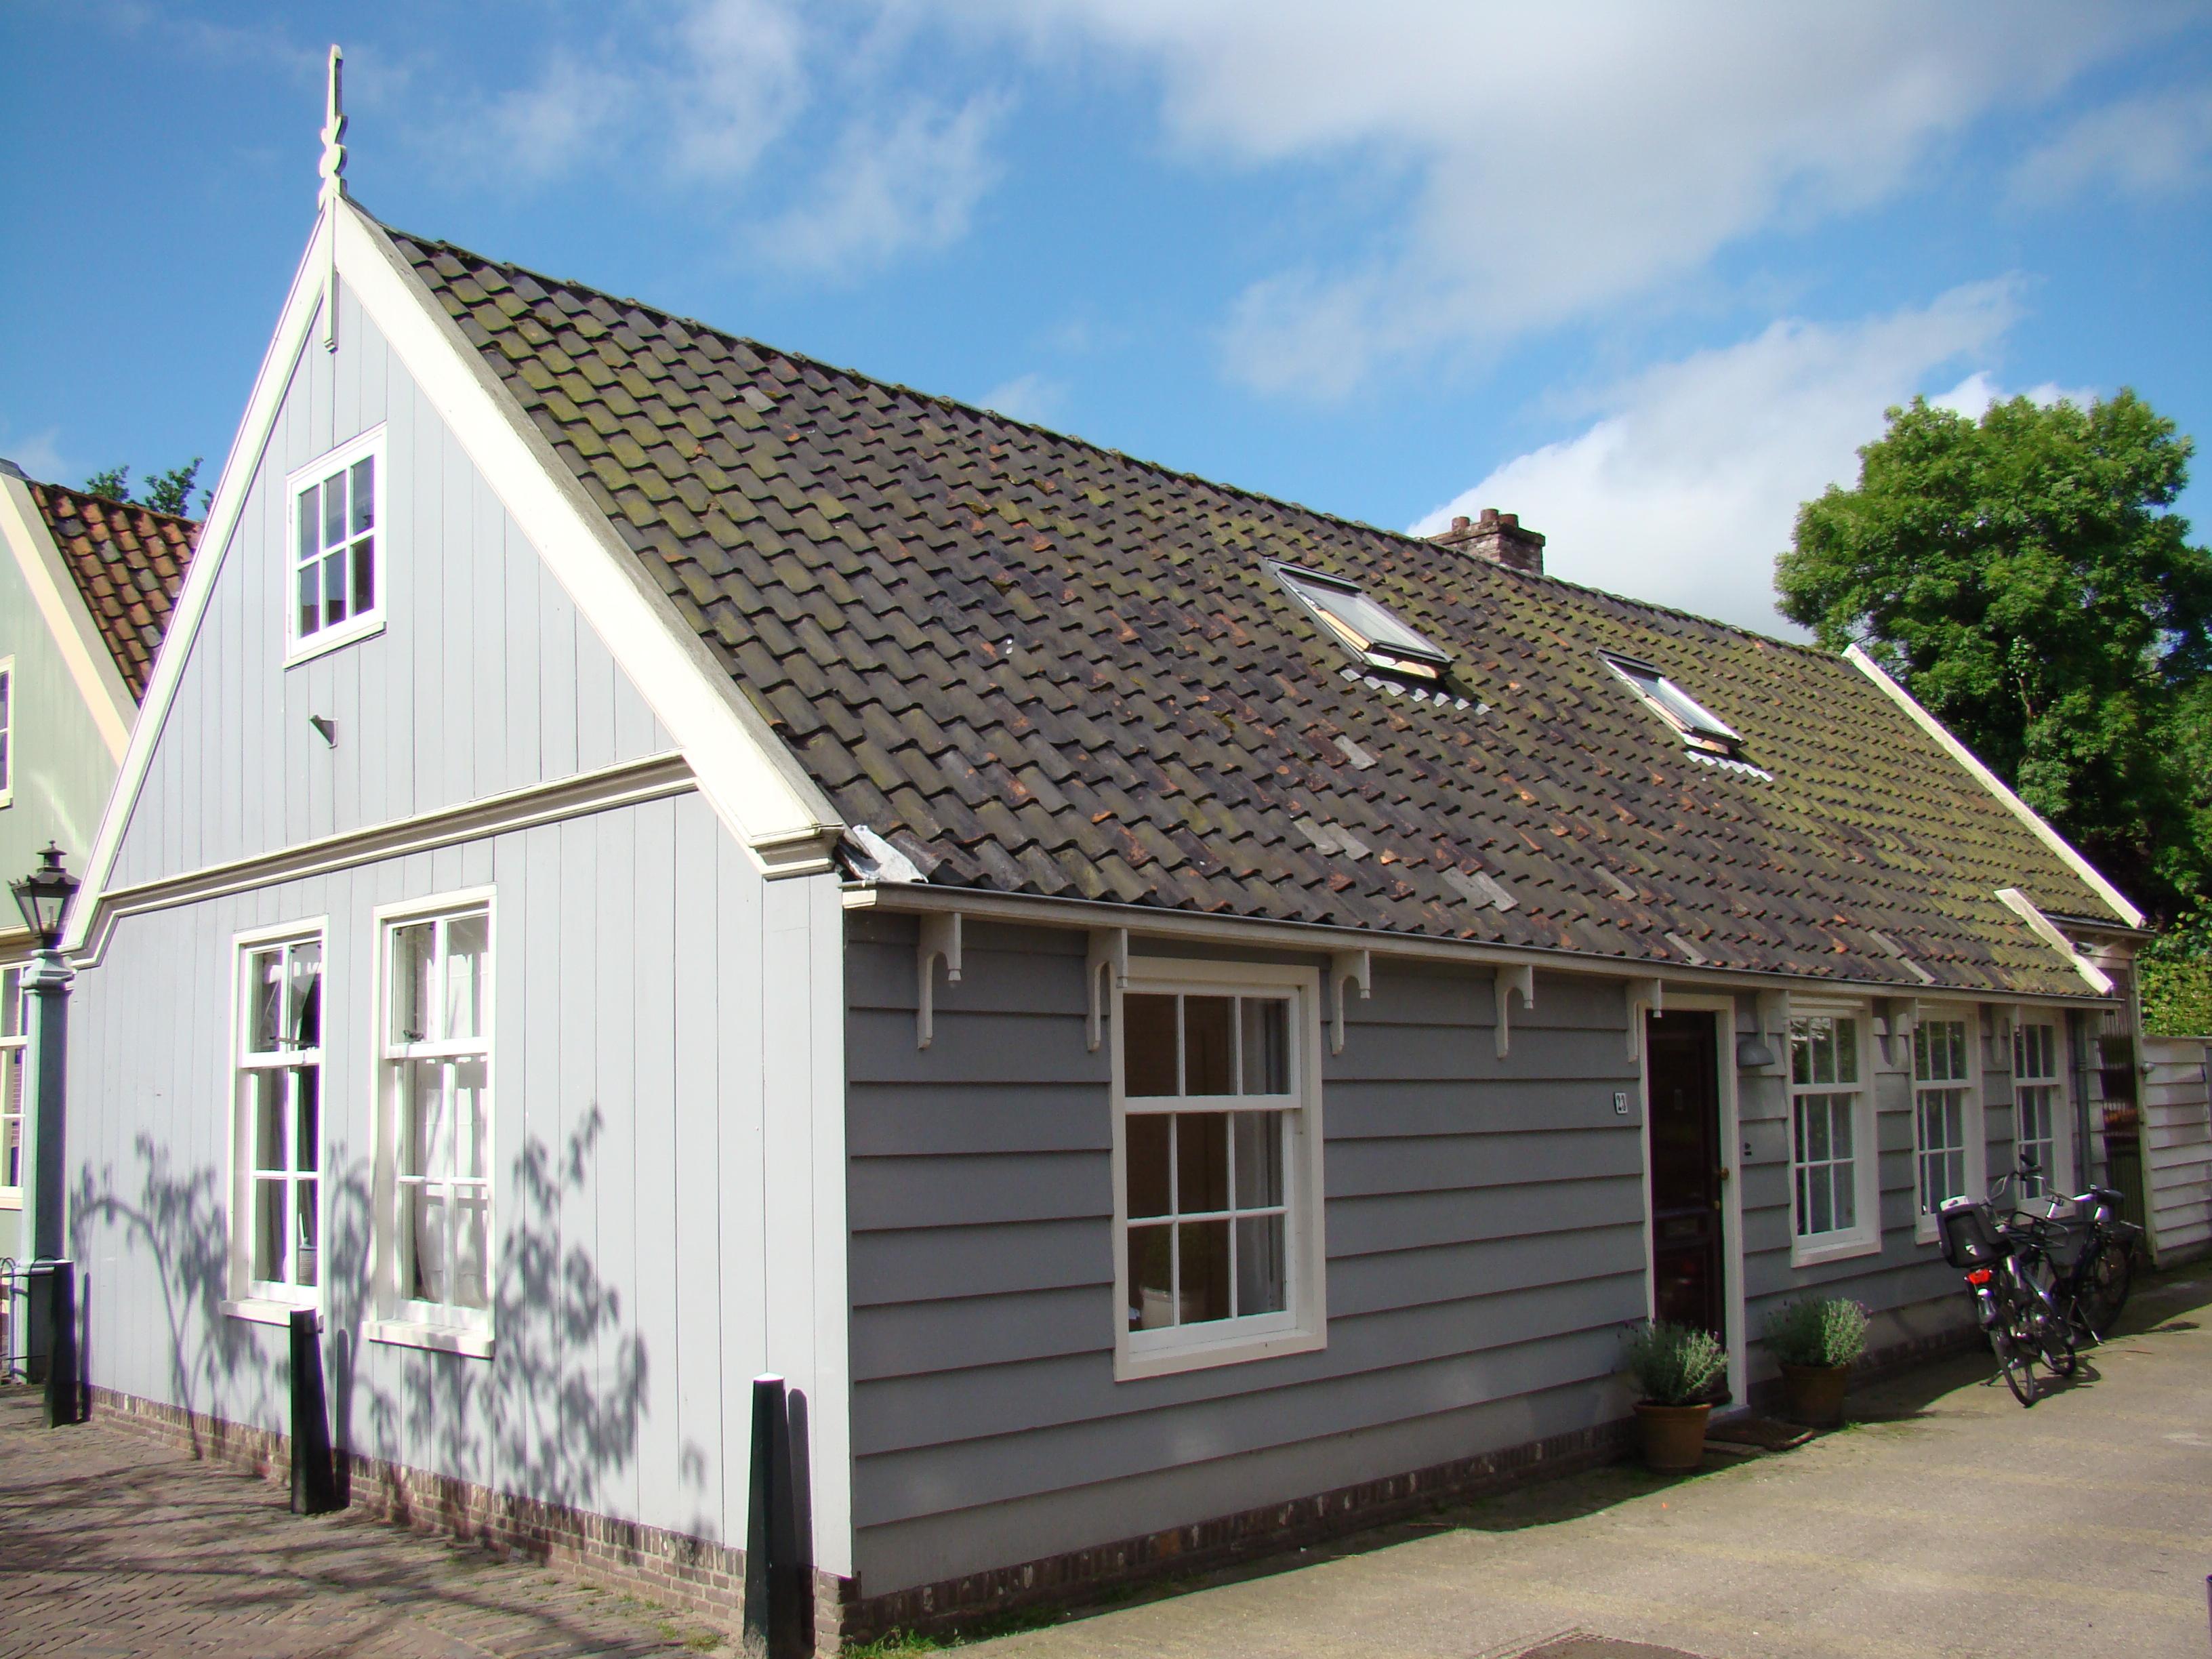 houten huis in broek in waterland monument